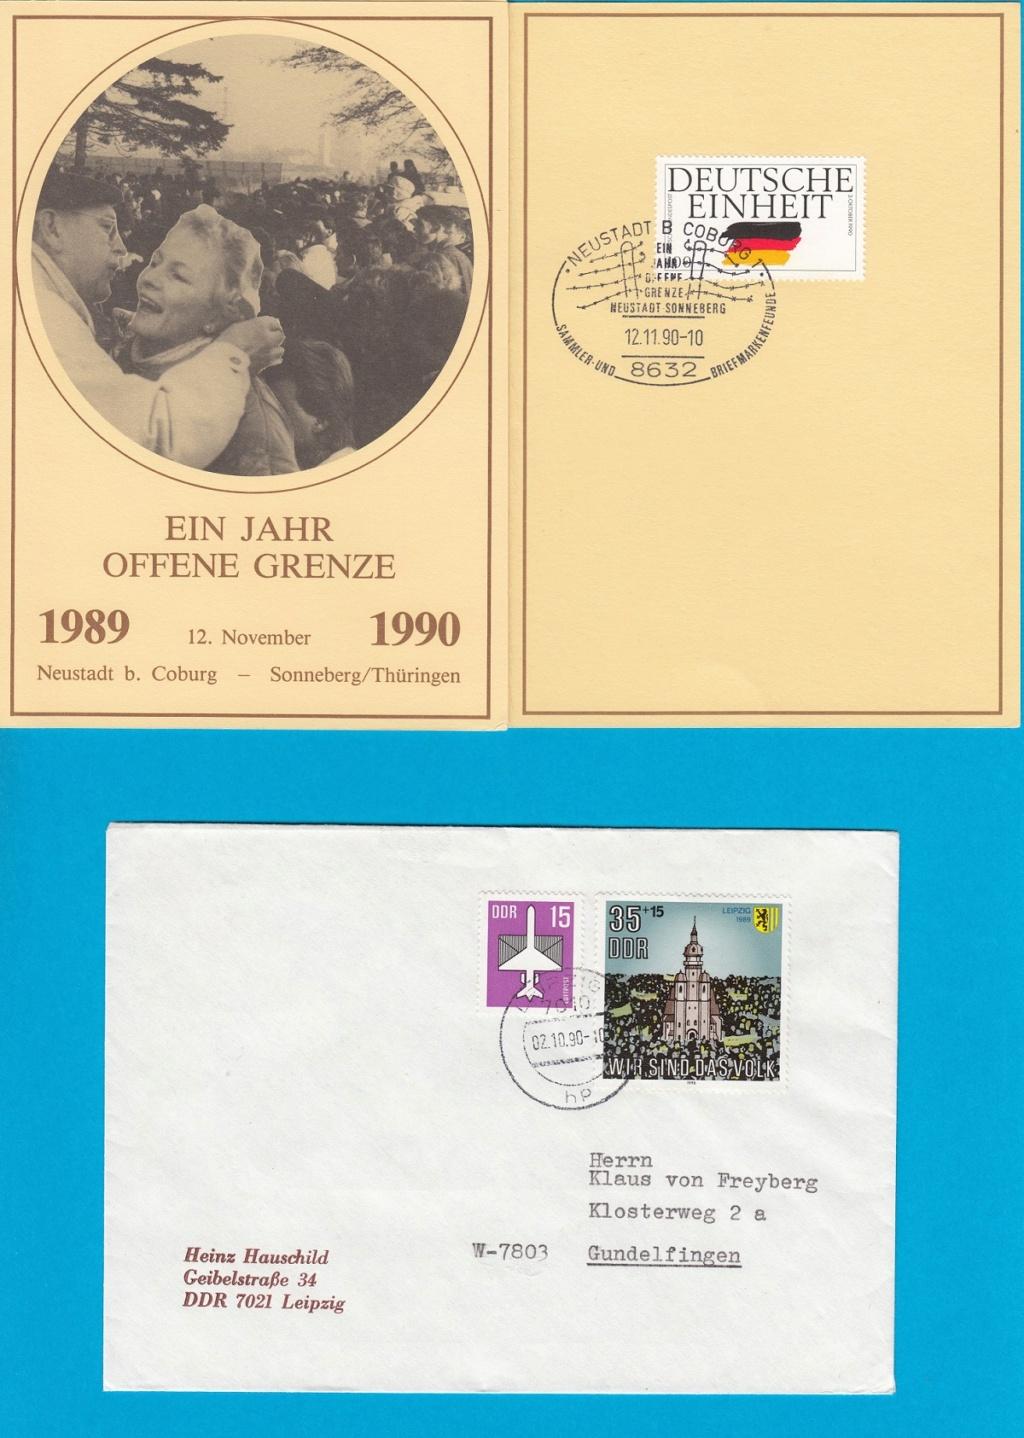 Die Vereinigung von West- und Mitteldeutschland vor 30 Jahren D3110